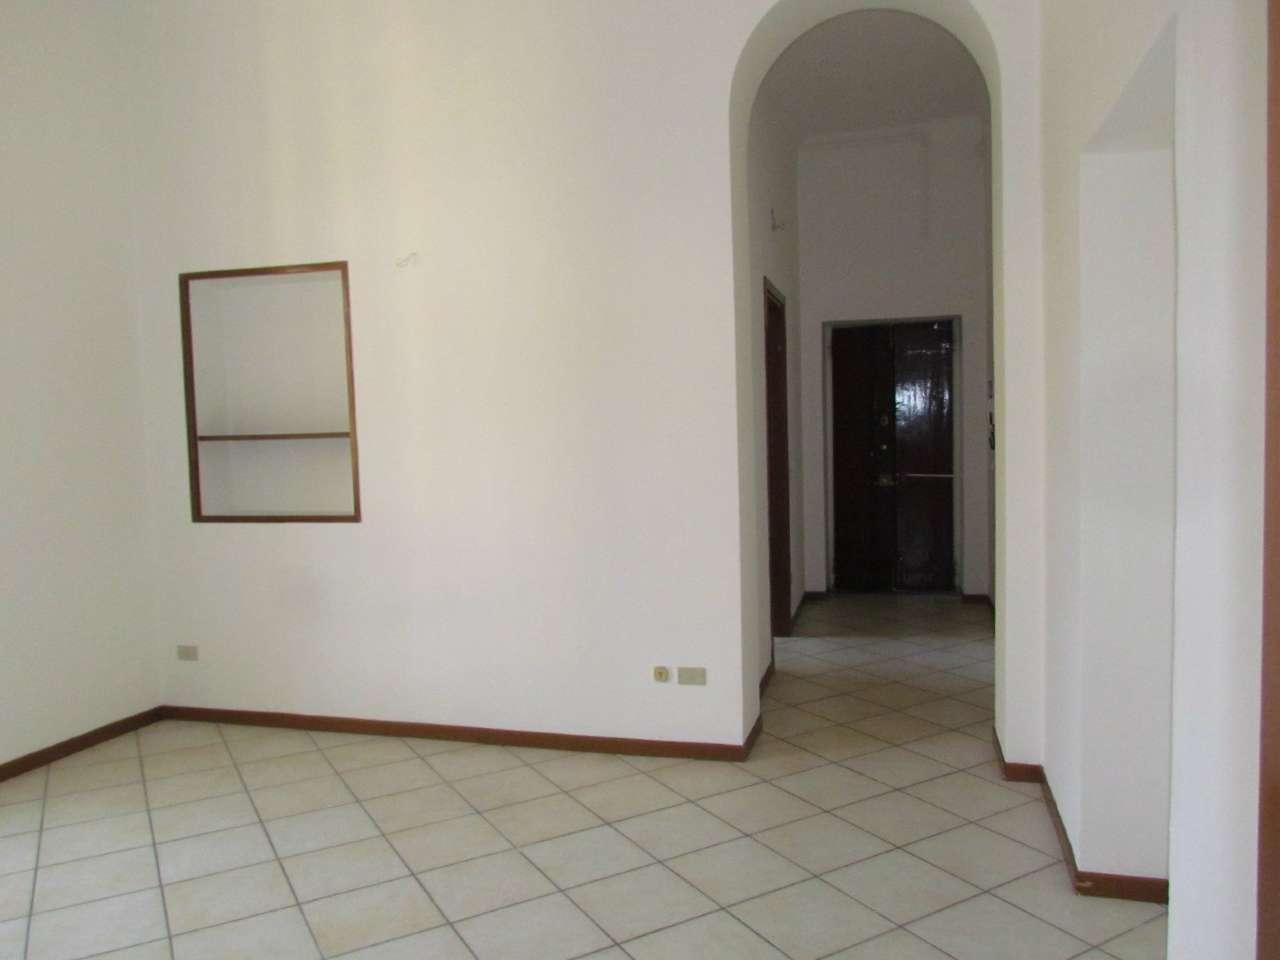 Appartamento in affitto a Tradate, 2 locali, prezzo € 450 | CambioCasa.it